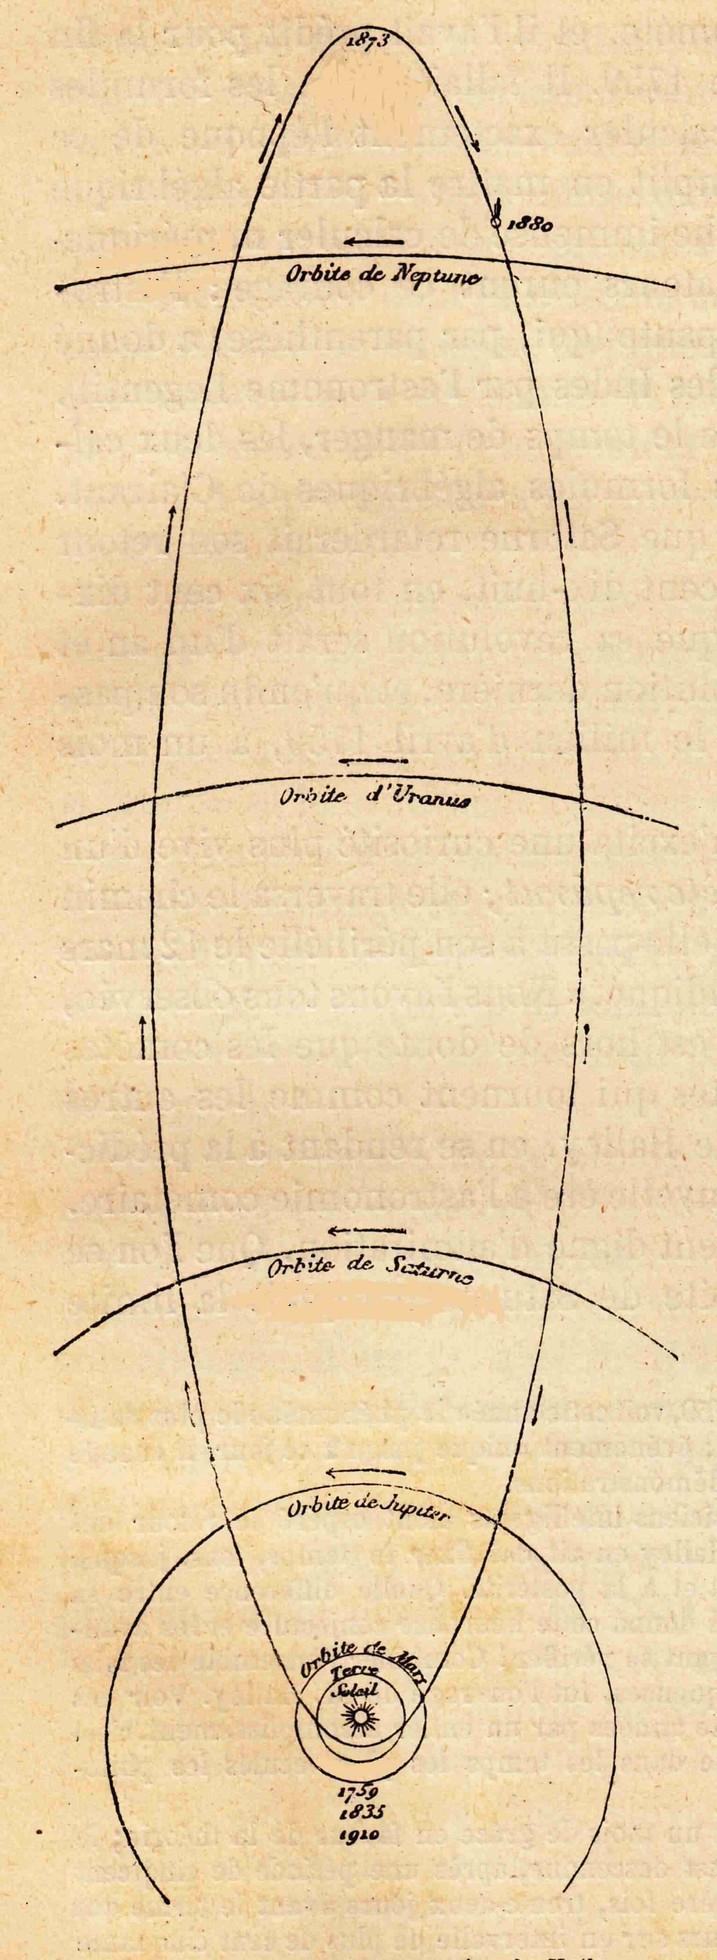 La comète de Halley, la première comète périodique - 8